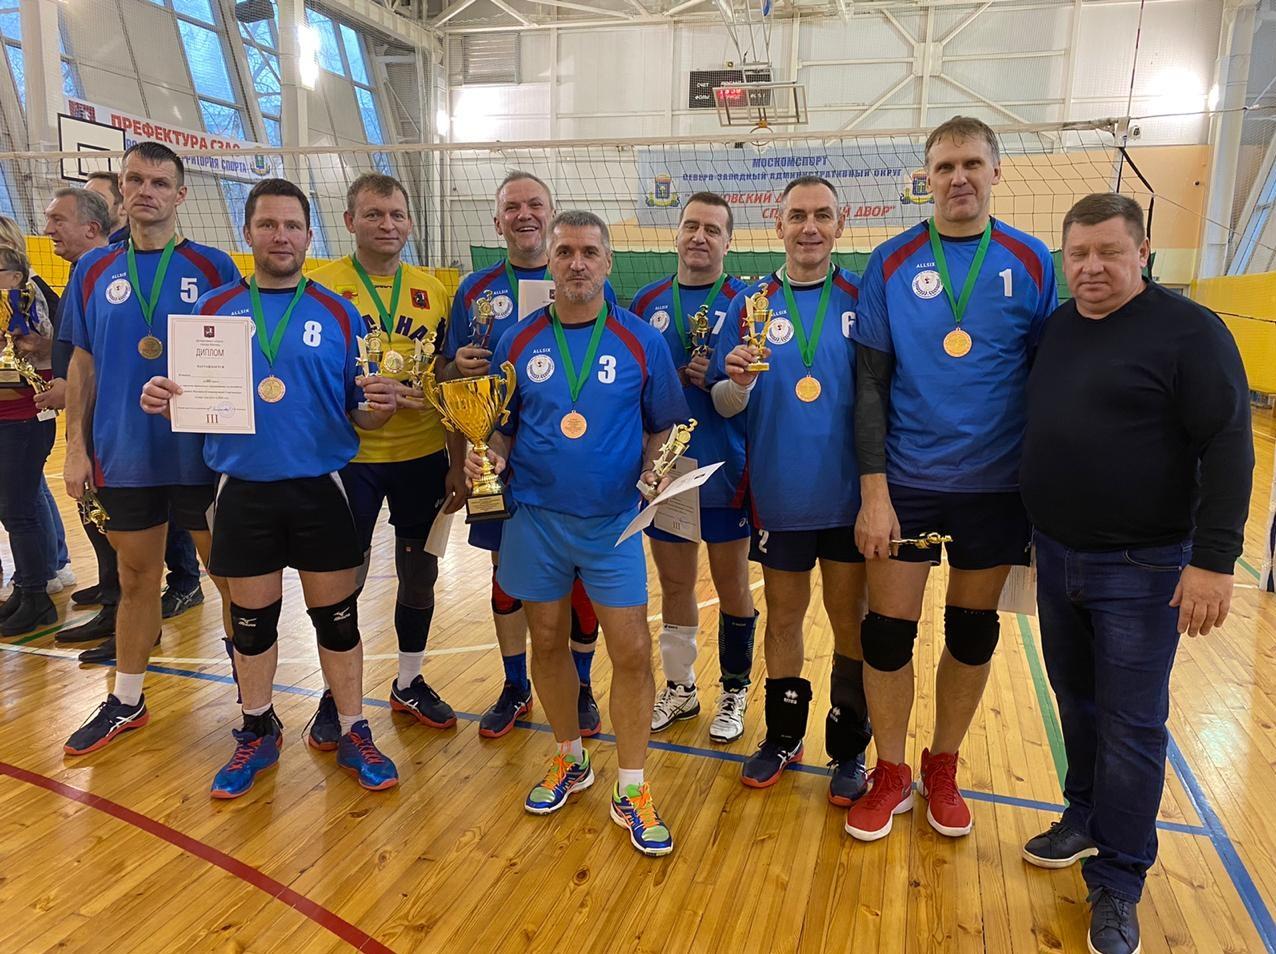 Волейболисты из Краснопахорского взяли «бронзу» спартакиады